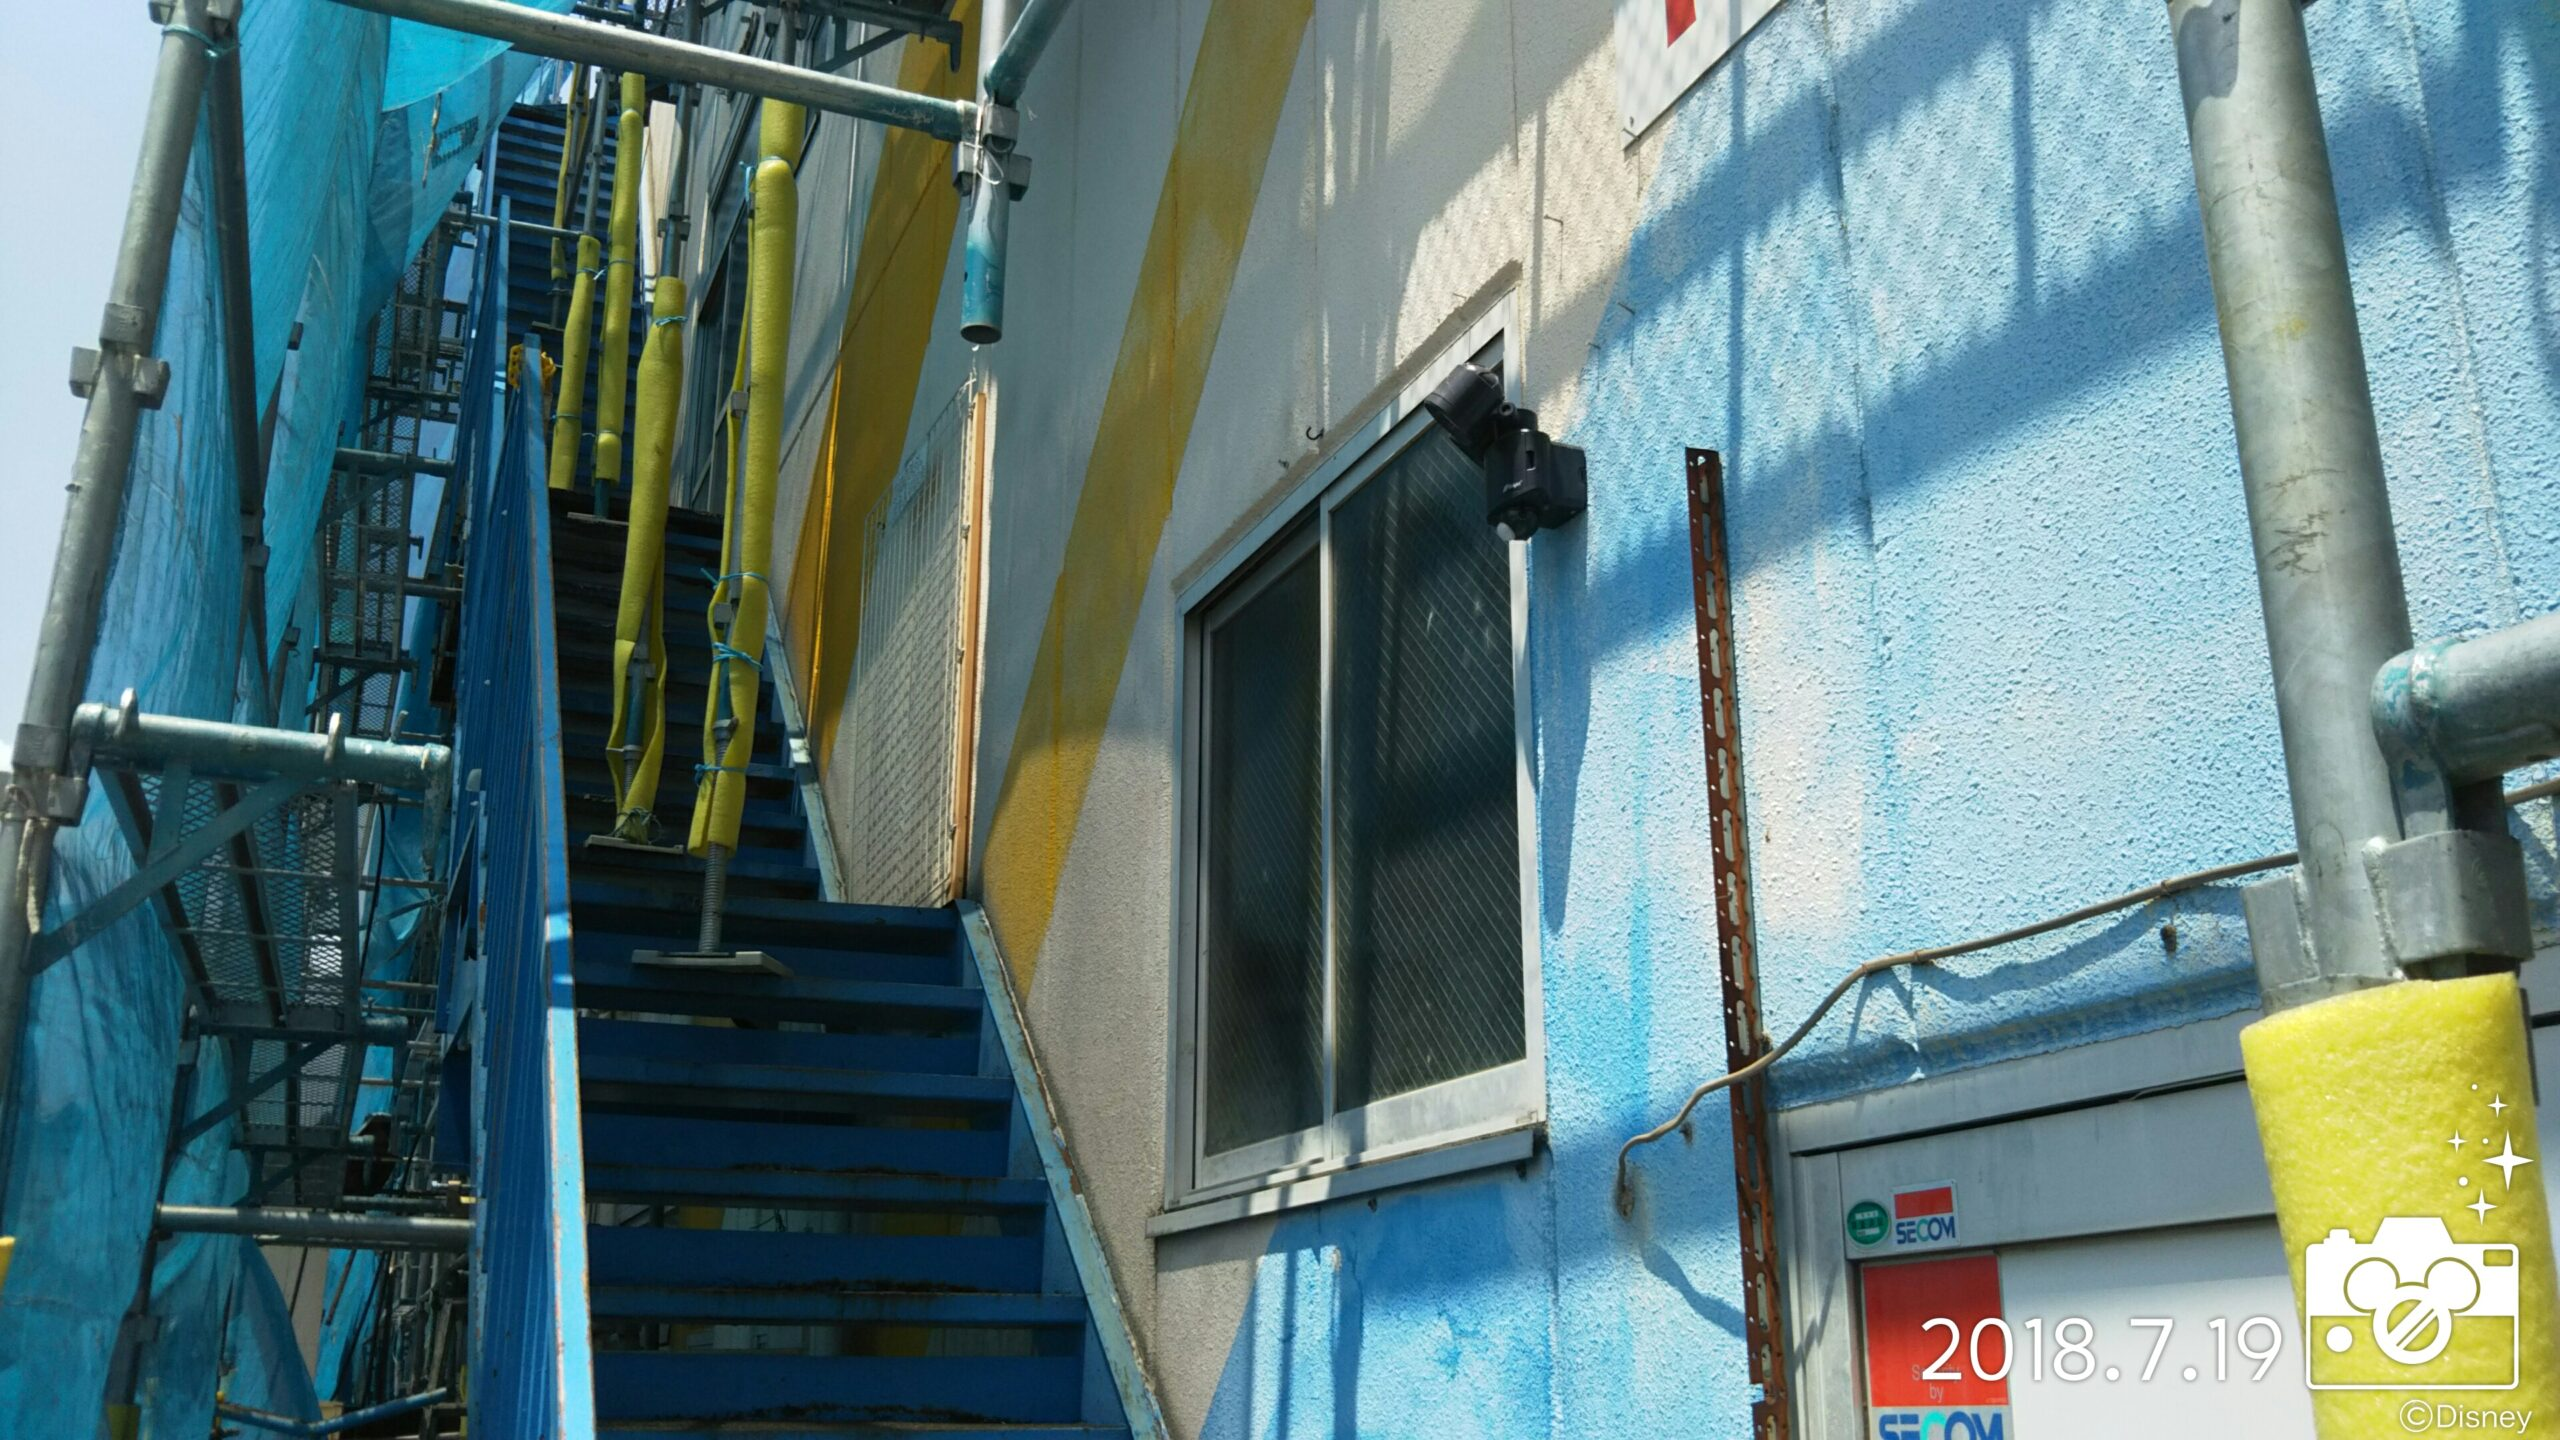 埼玉県さいたま市 外壁及び鉄部塗装(外壁洗浄・鉄部塗装の為のケレン) 埼玉県さいたま市見沼区の某工場にて塗り替えリフォーム中